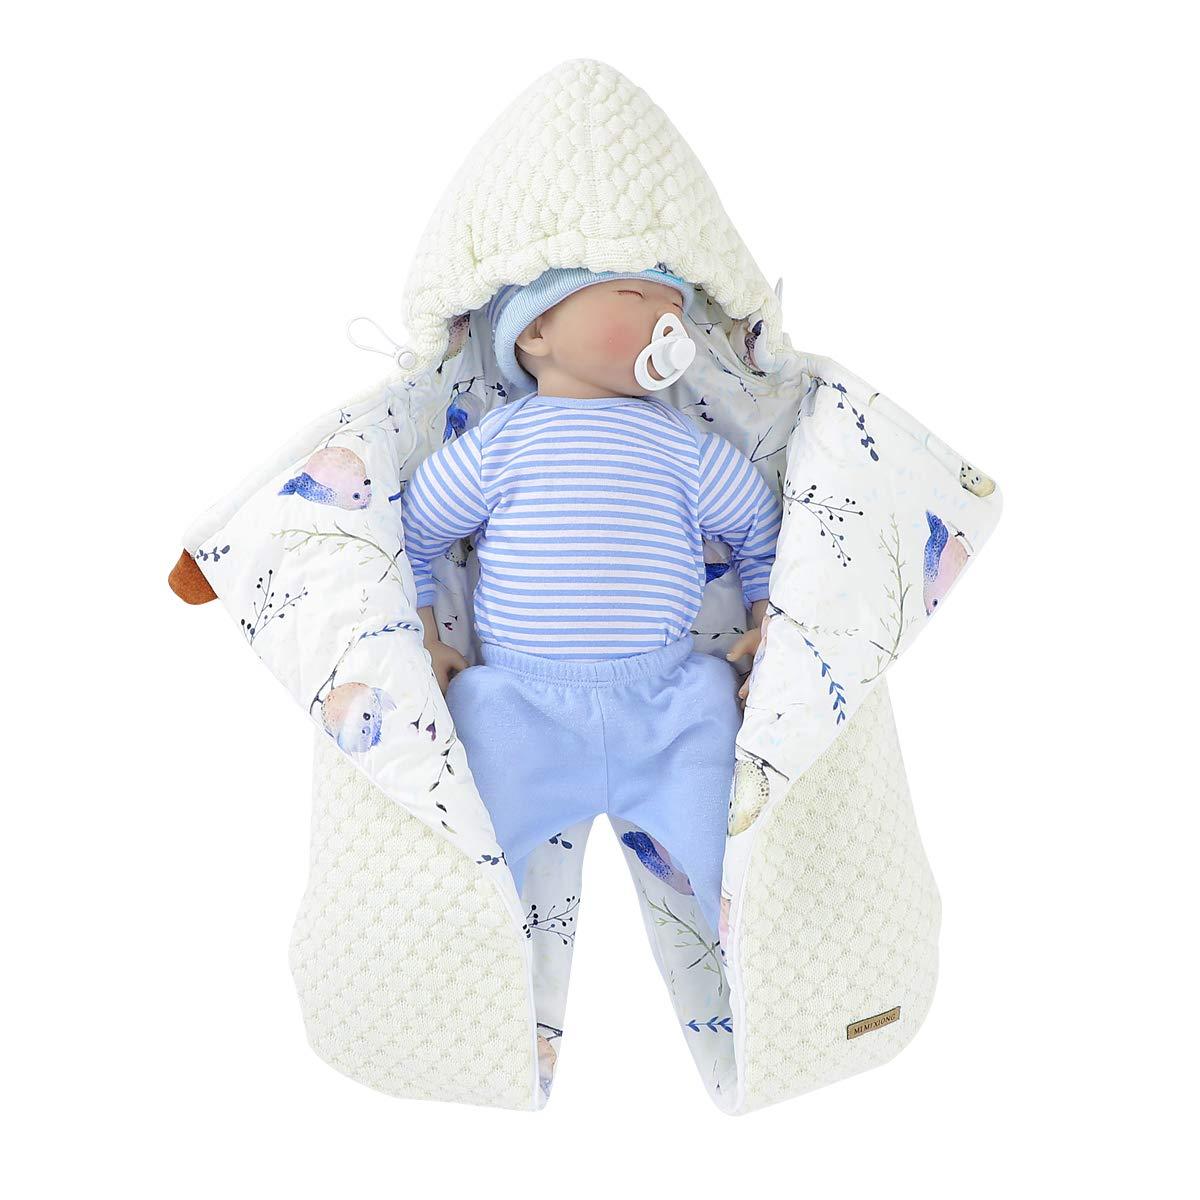 mimixiong Baby-Wickeldecke 12 Monate f/ür 0 weicher Schlafsack f/ür Neugeborene